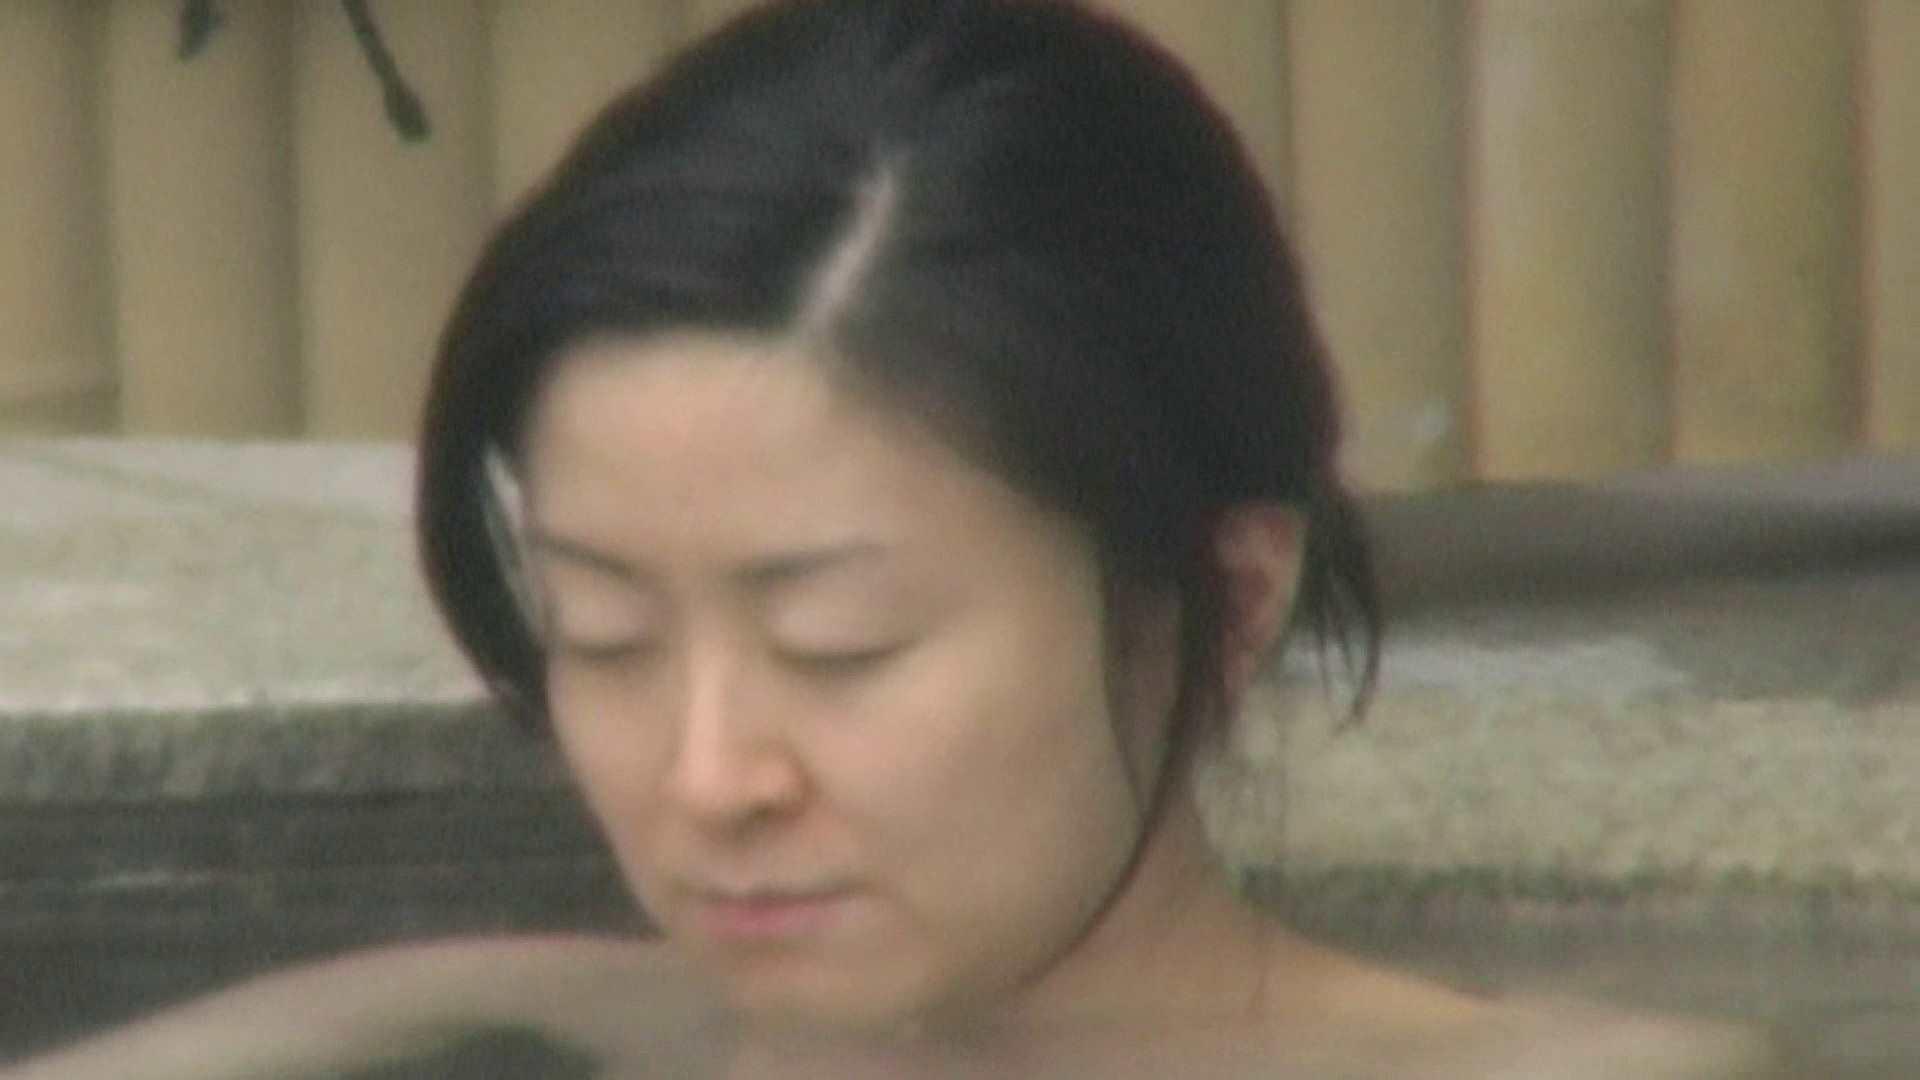 Aquaな露天風呂Vol.548 盗撮 | 露天  103画像 46